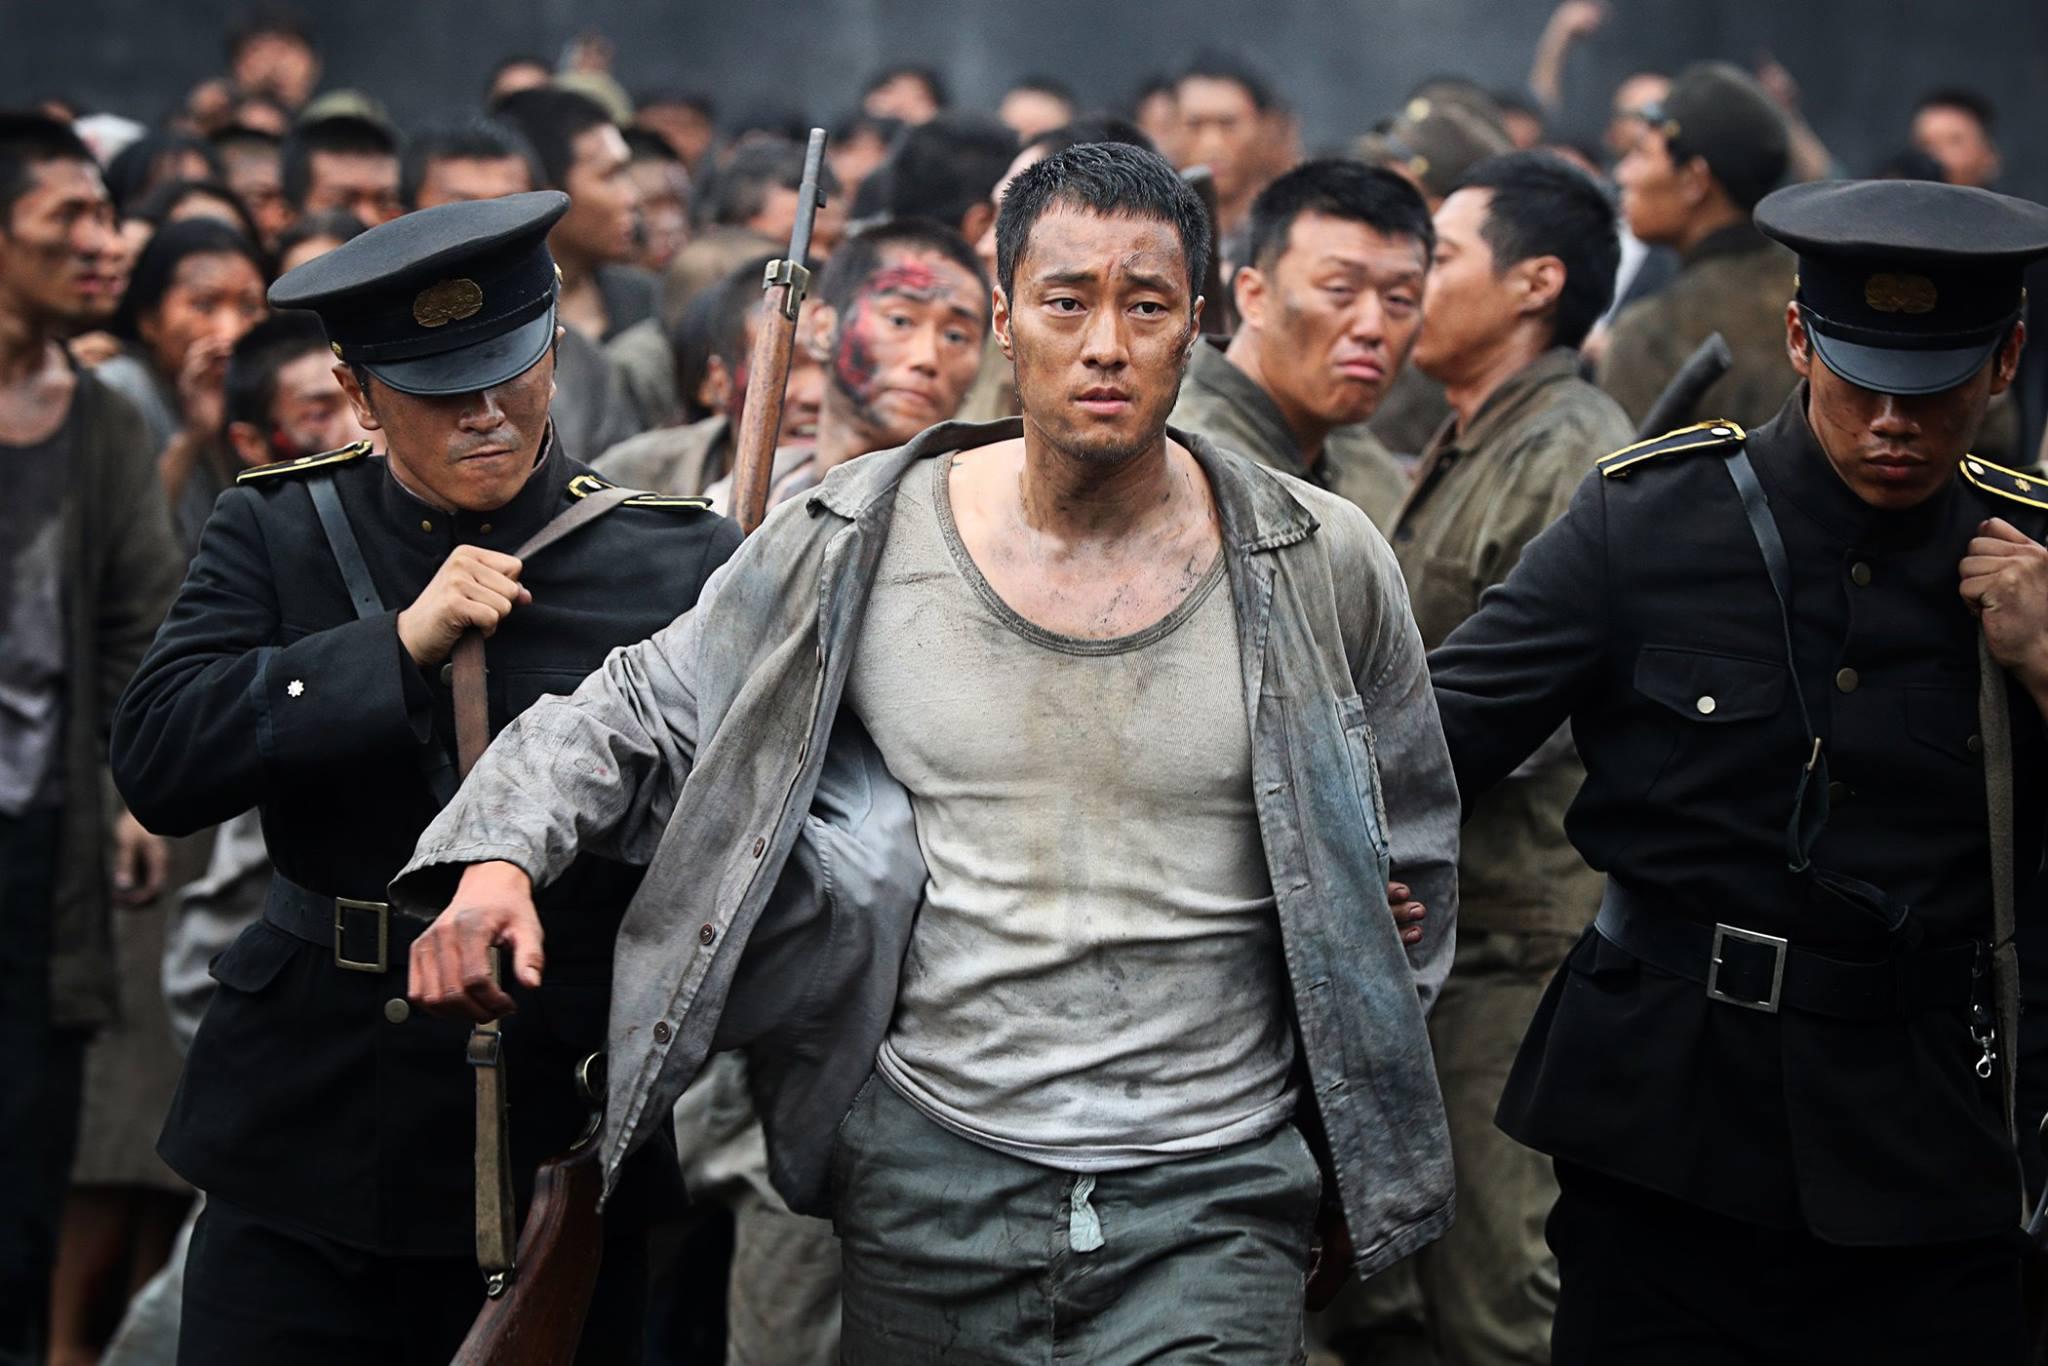 韩国抗日片军舰岛:高清版百度网盘下载